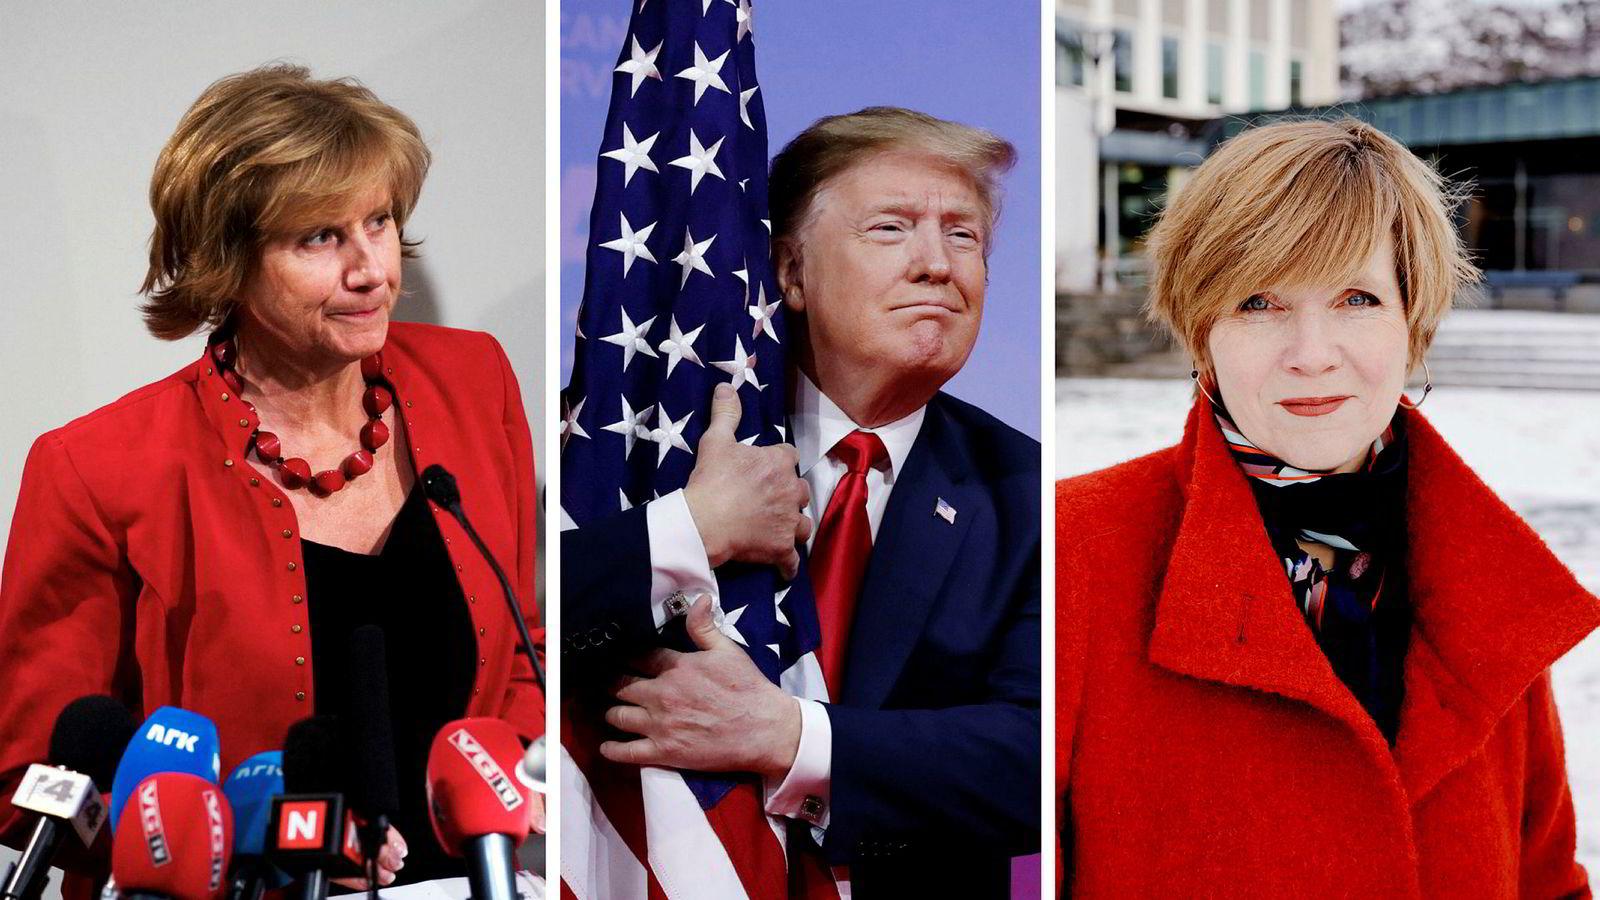 Det er ikke alle sjefer som er like gode til å lytte på råd. Fra venstre: tidligere LO-leder Gerd-Liv Valla, USAs president Donald Trump og tidligere SSB-direktør Christine B. Meyer.